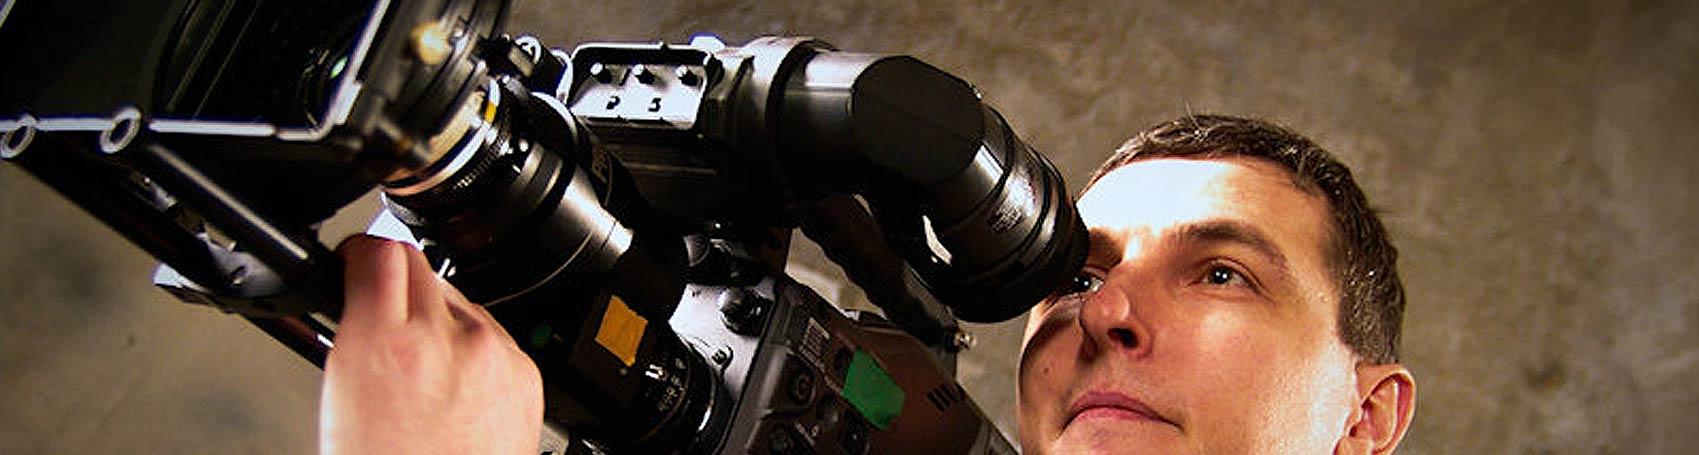 Servicio de fotografía y video en Ibiza. Servicios VIP. Consulting Services Ibiza